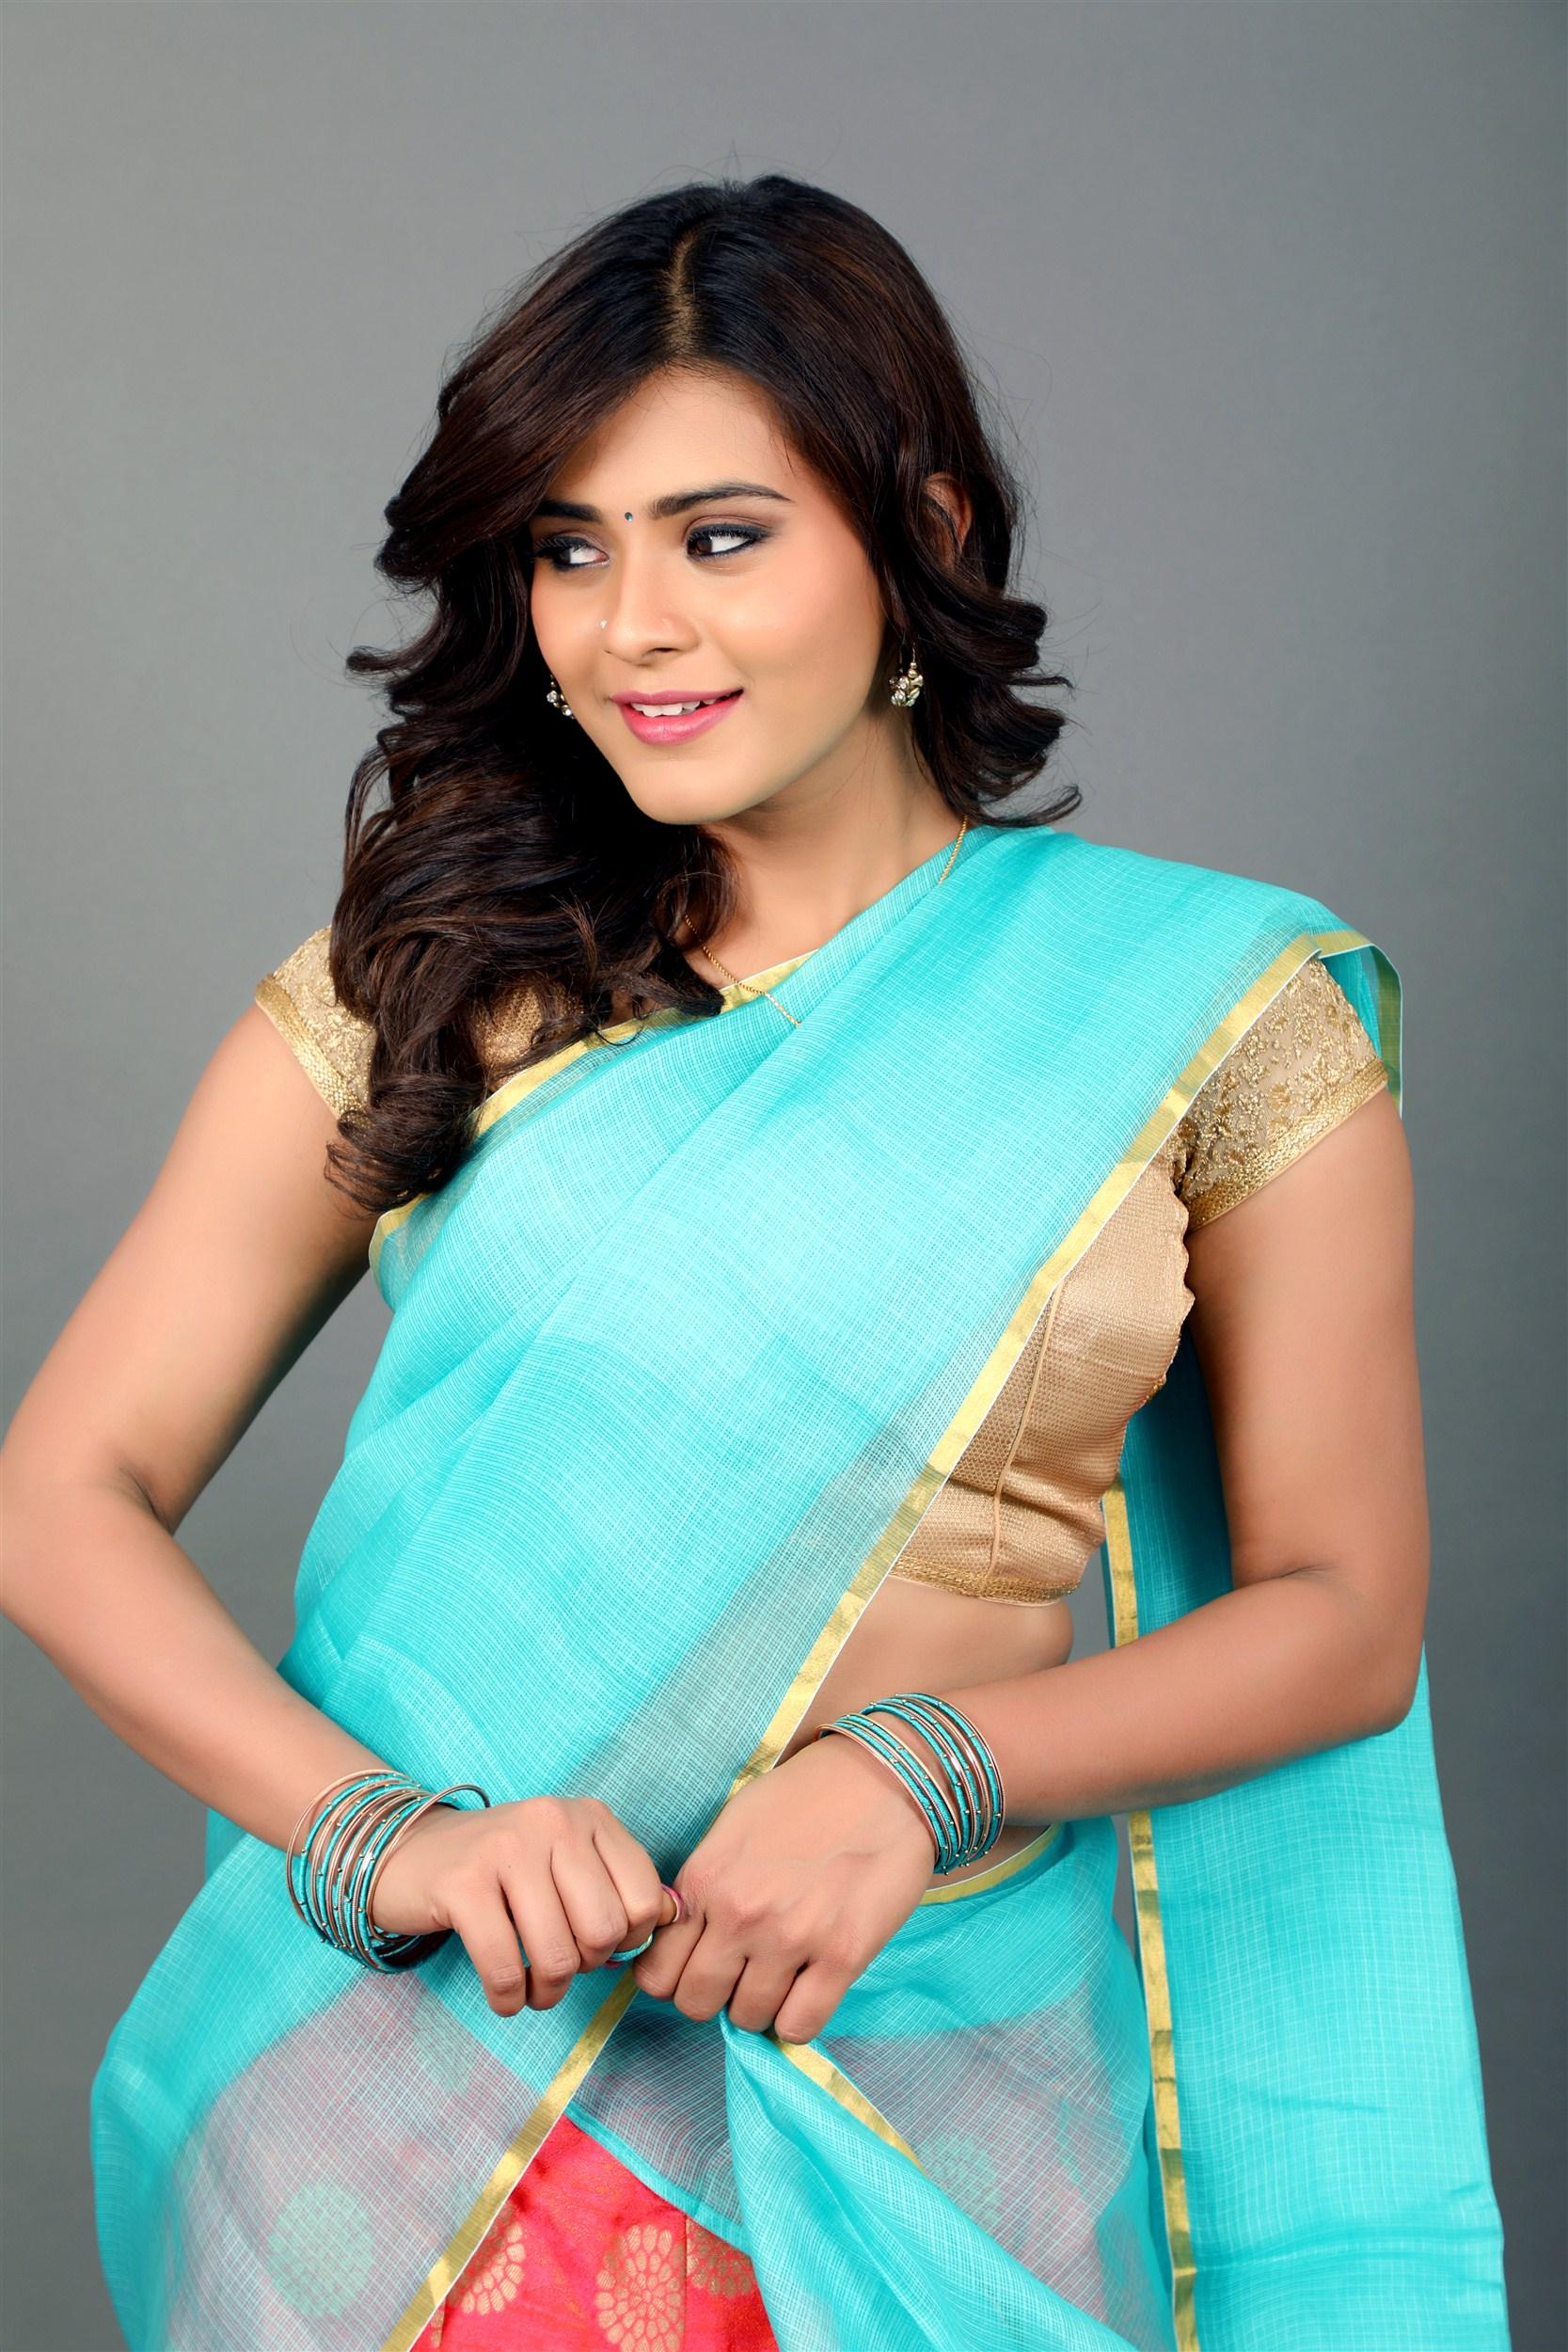 Hebah Patel Hebah Patel new pictures